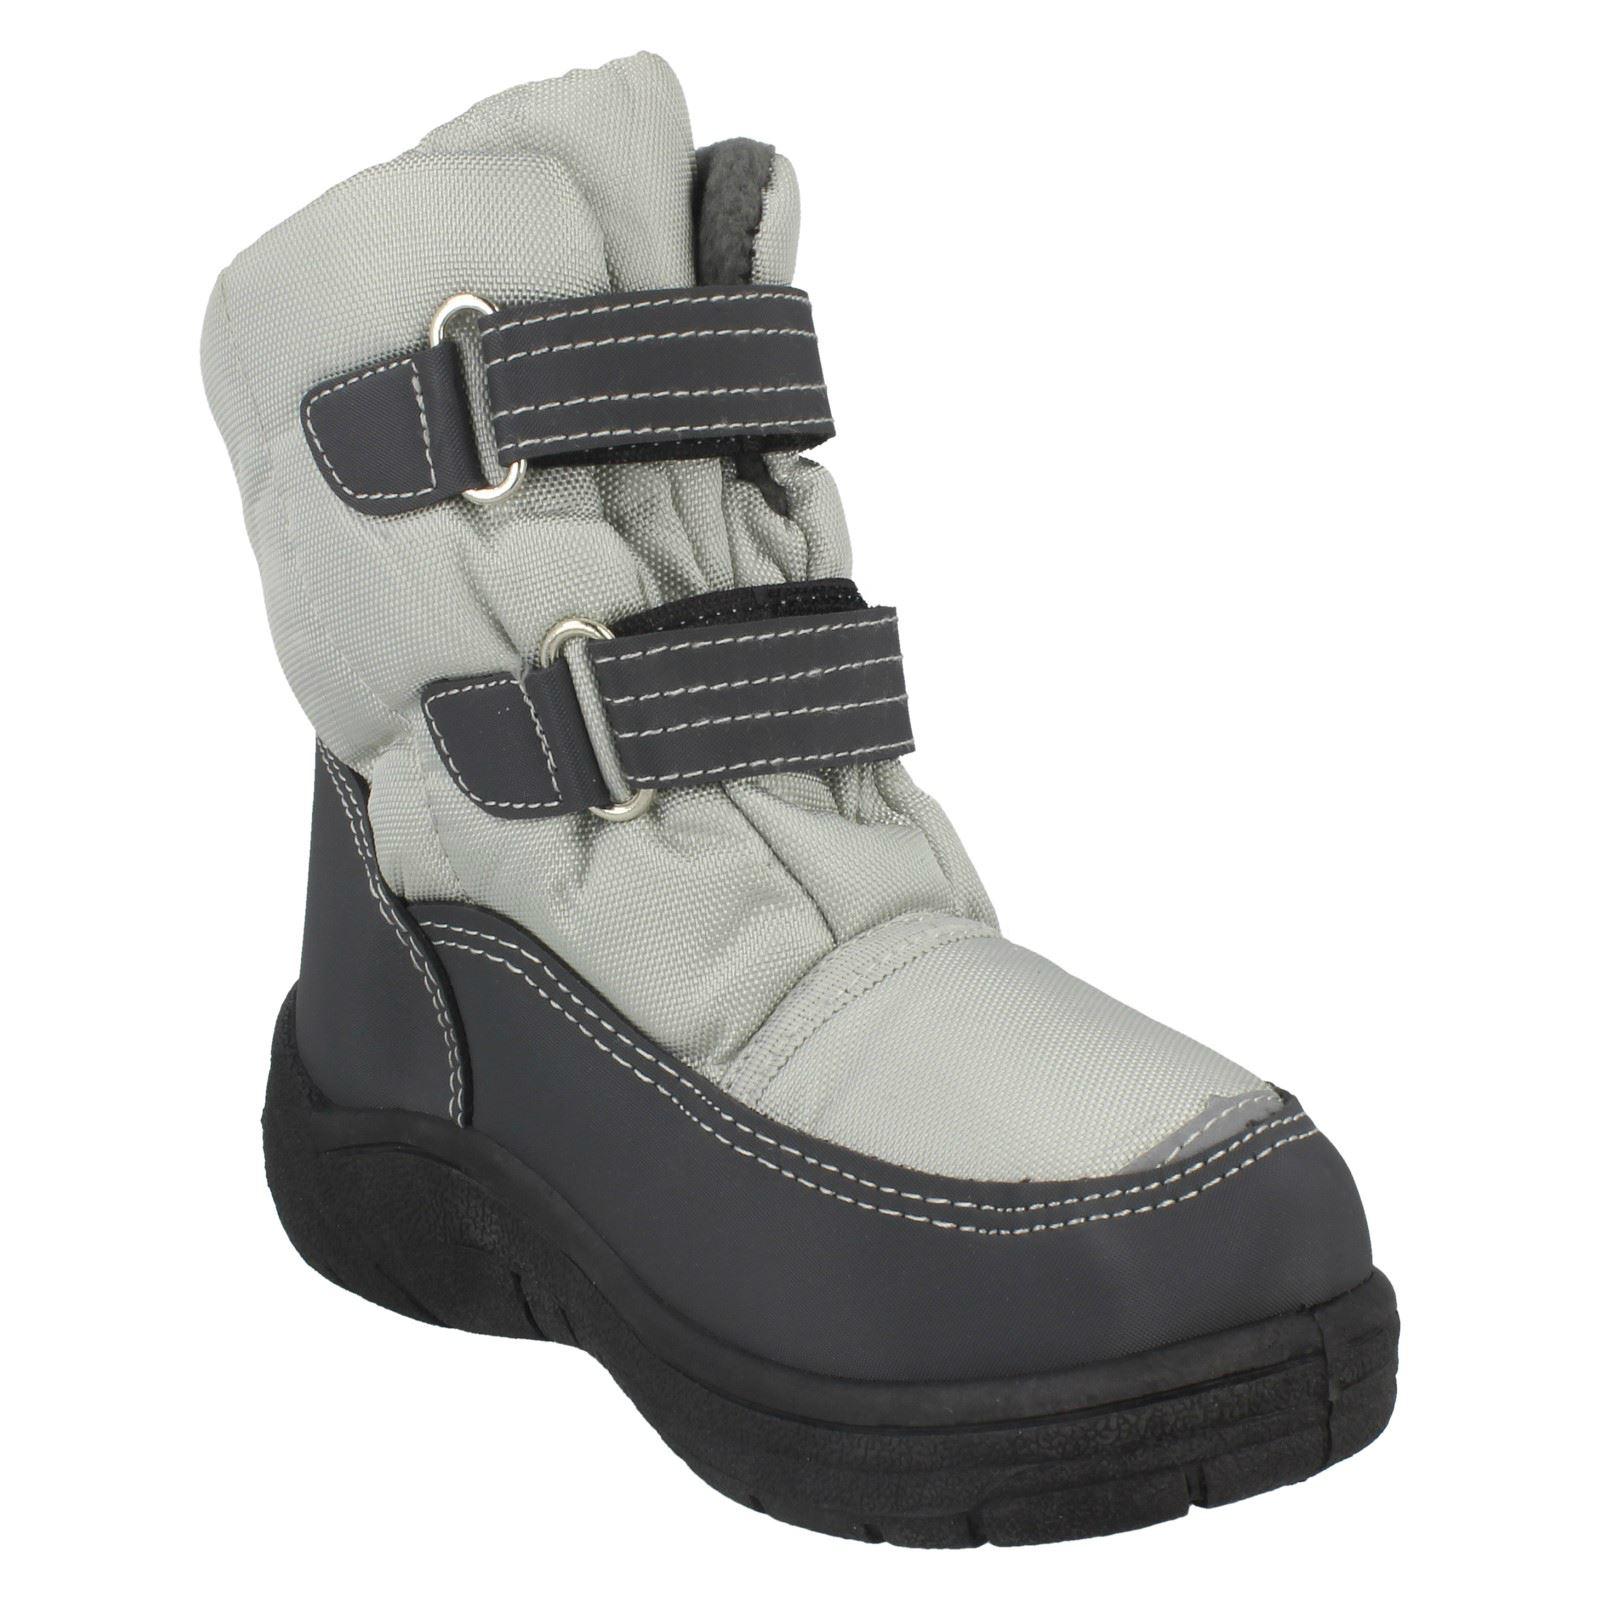 RAGAZZI REFLEX Snowboots n2012